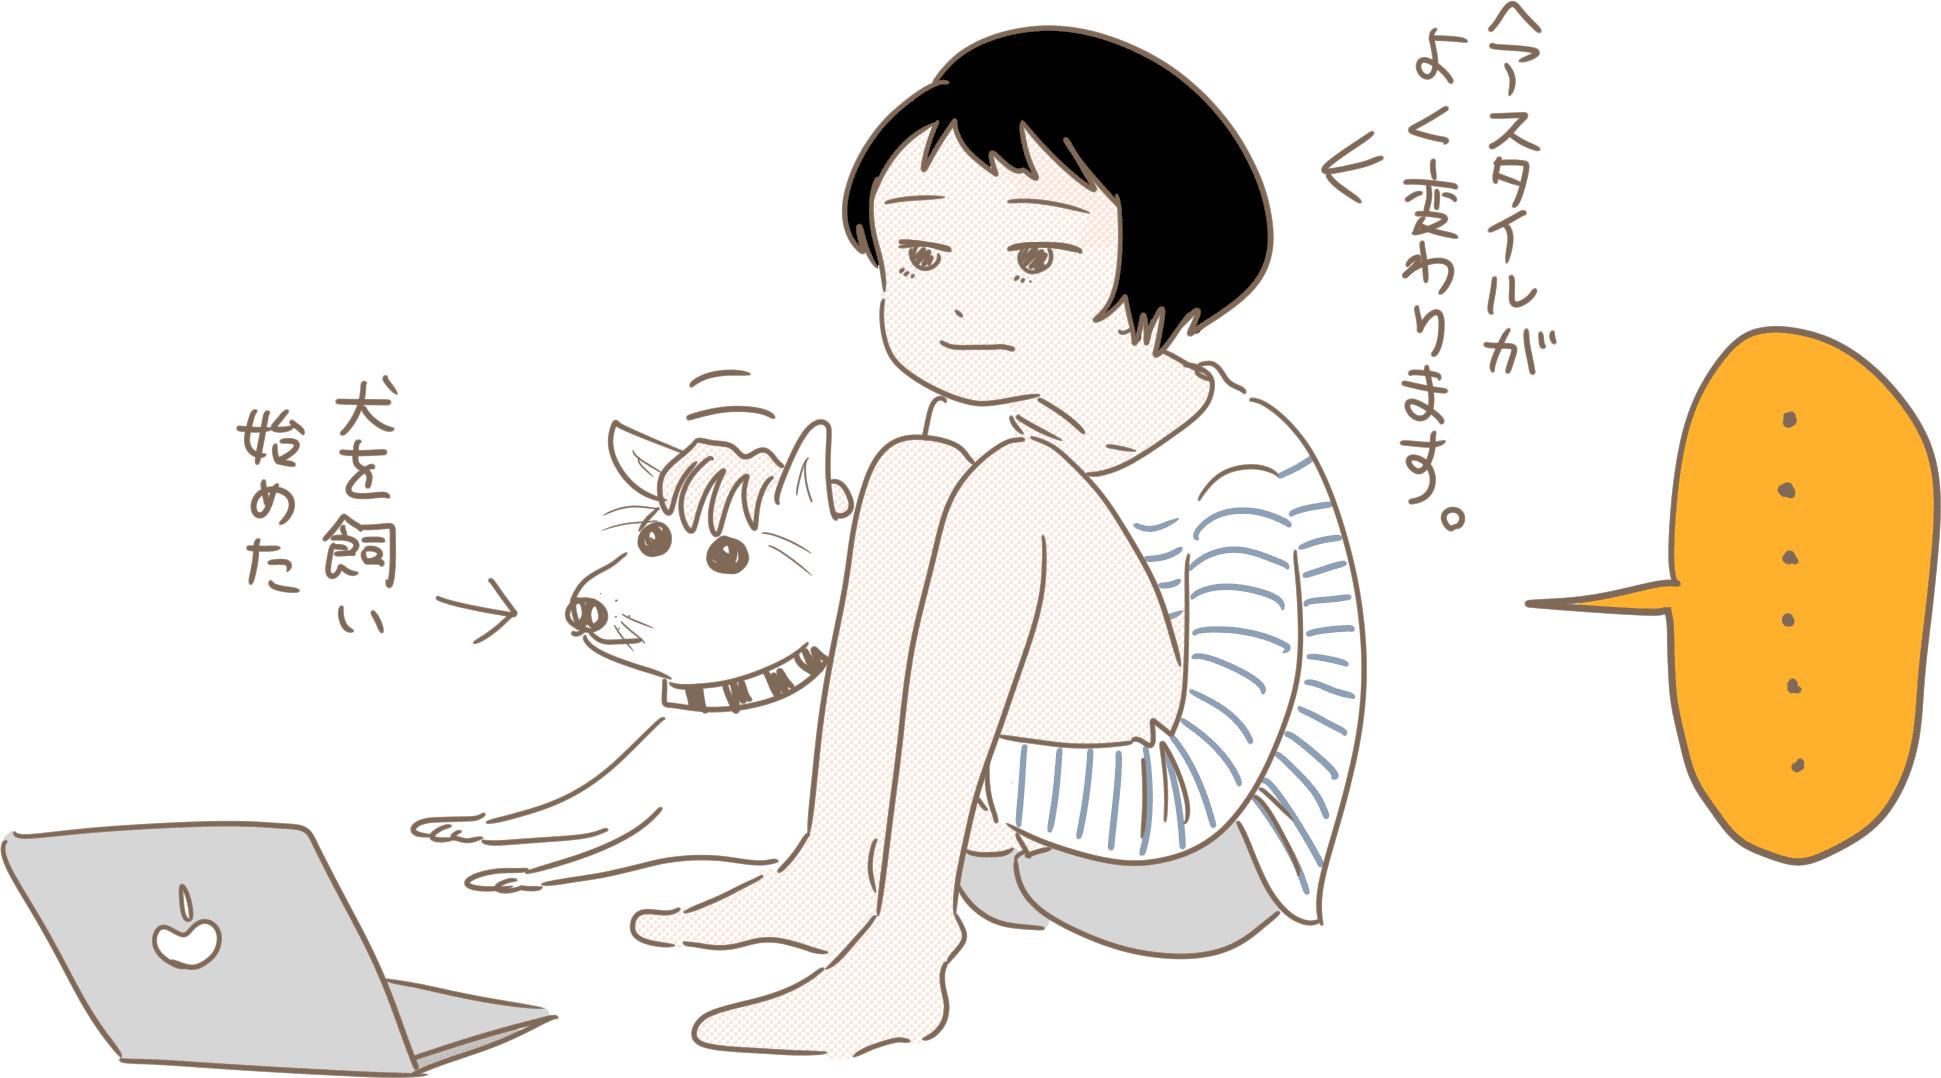 おゆみパイさん自己紹介画像